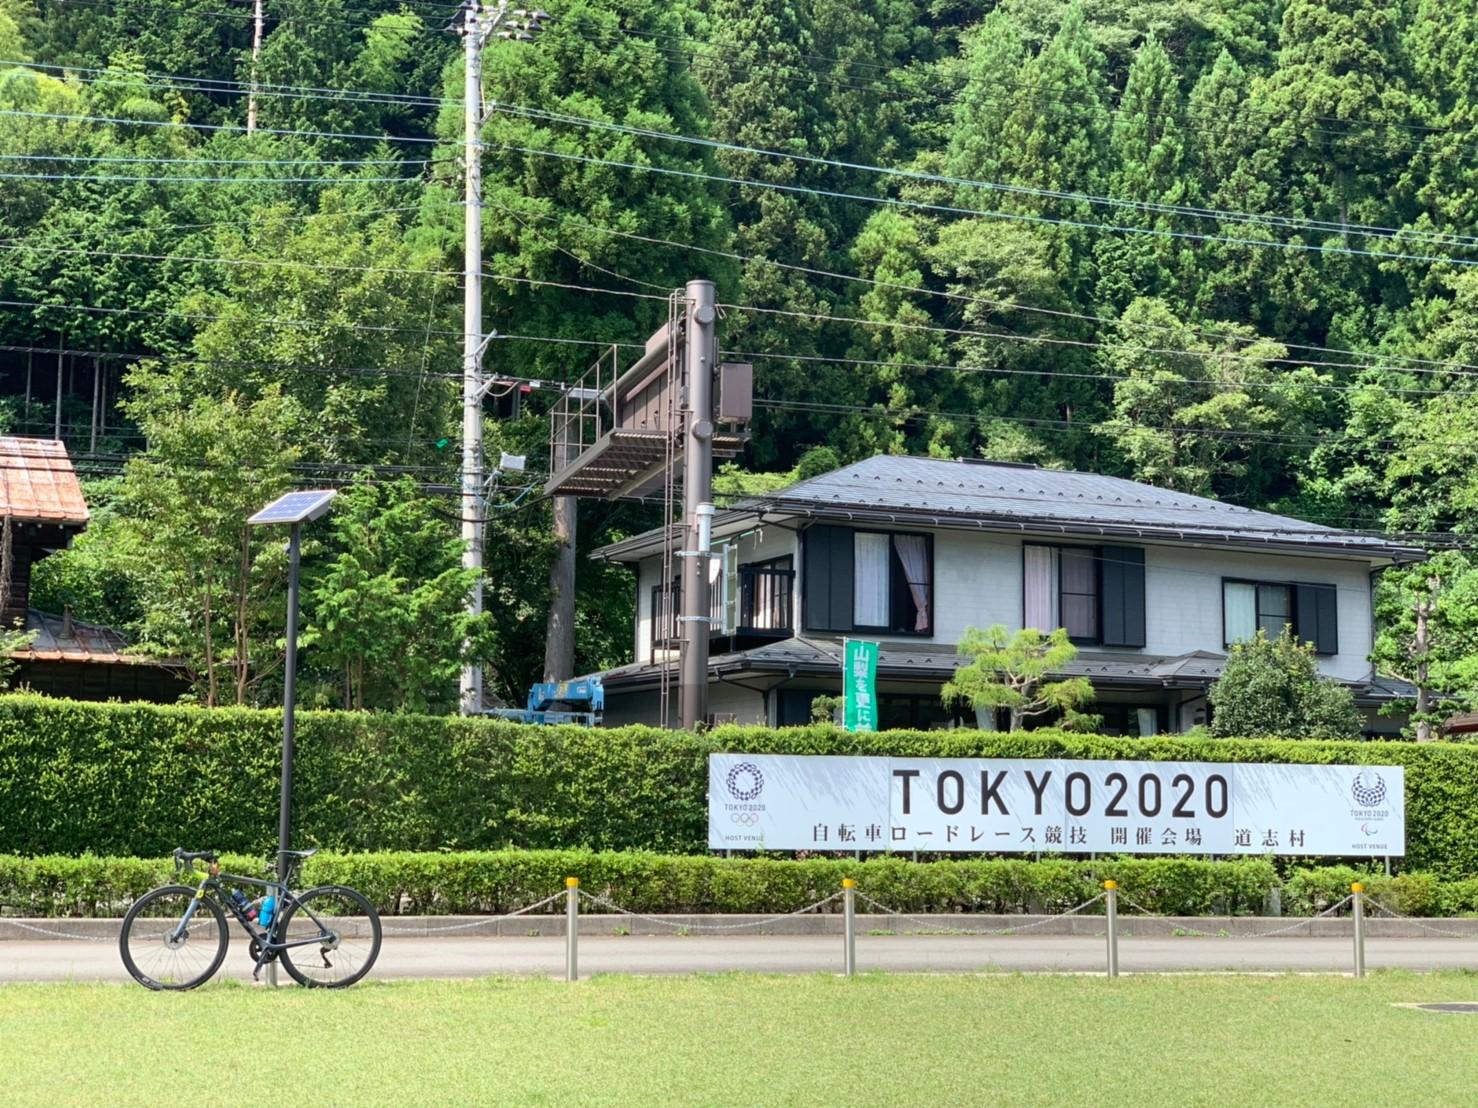 道志村可見東奧相關標語,攝於2019年夏